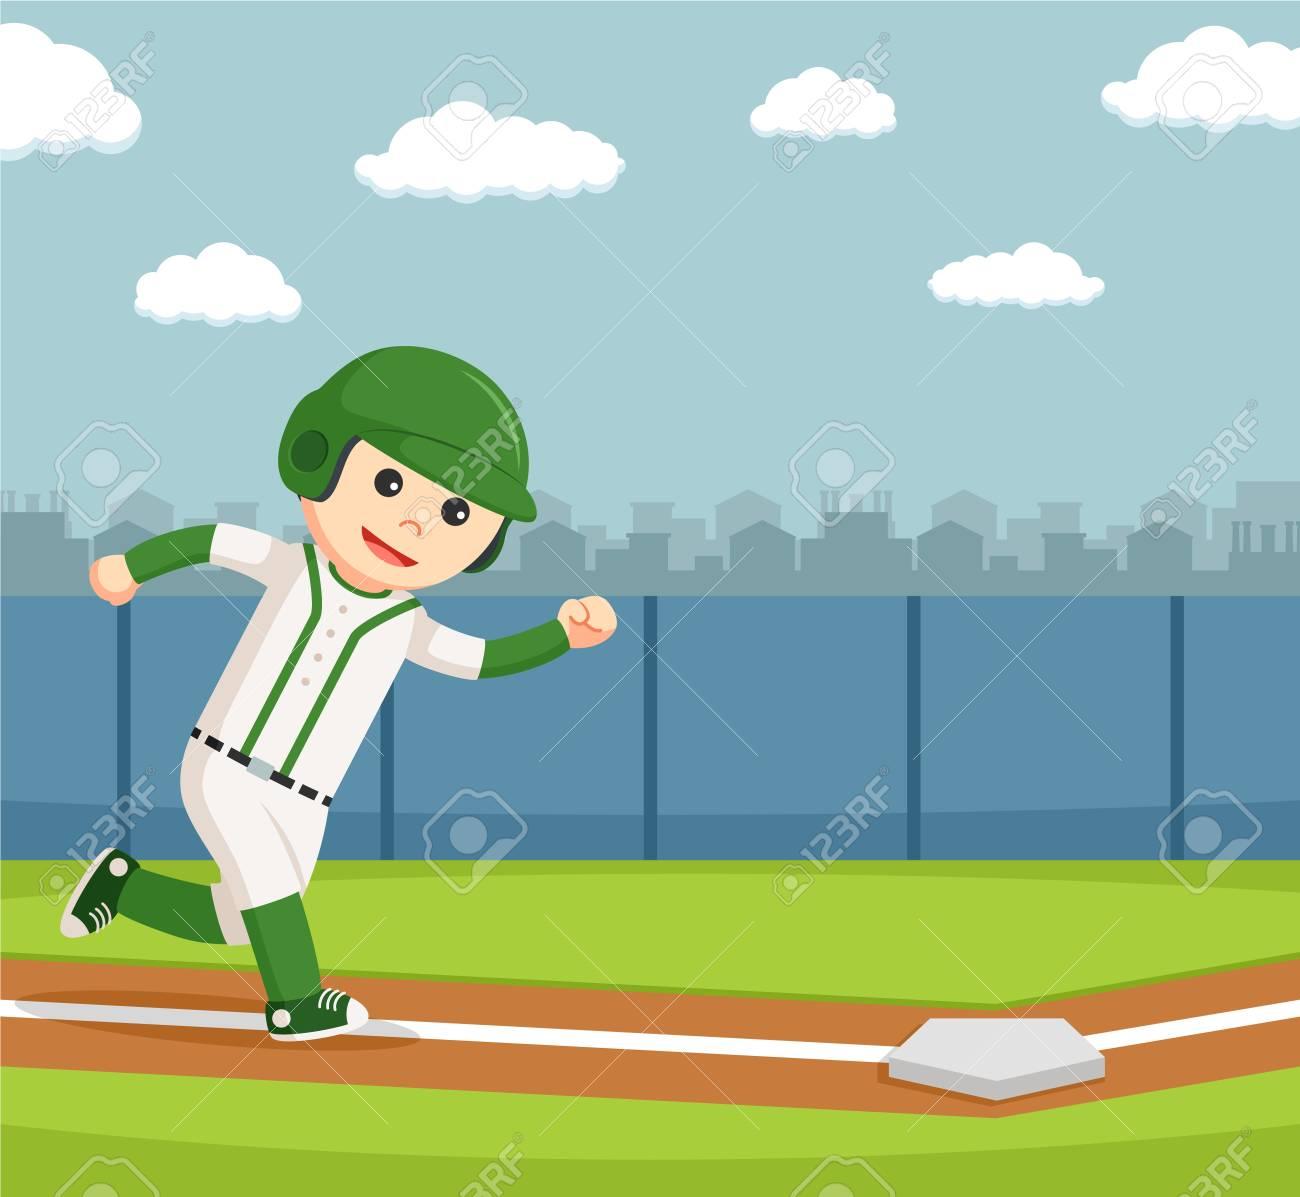 Baseball-Spieler In Den Sicheren Punkt Läuft Lizenzfrei Nutzbare ...